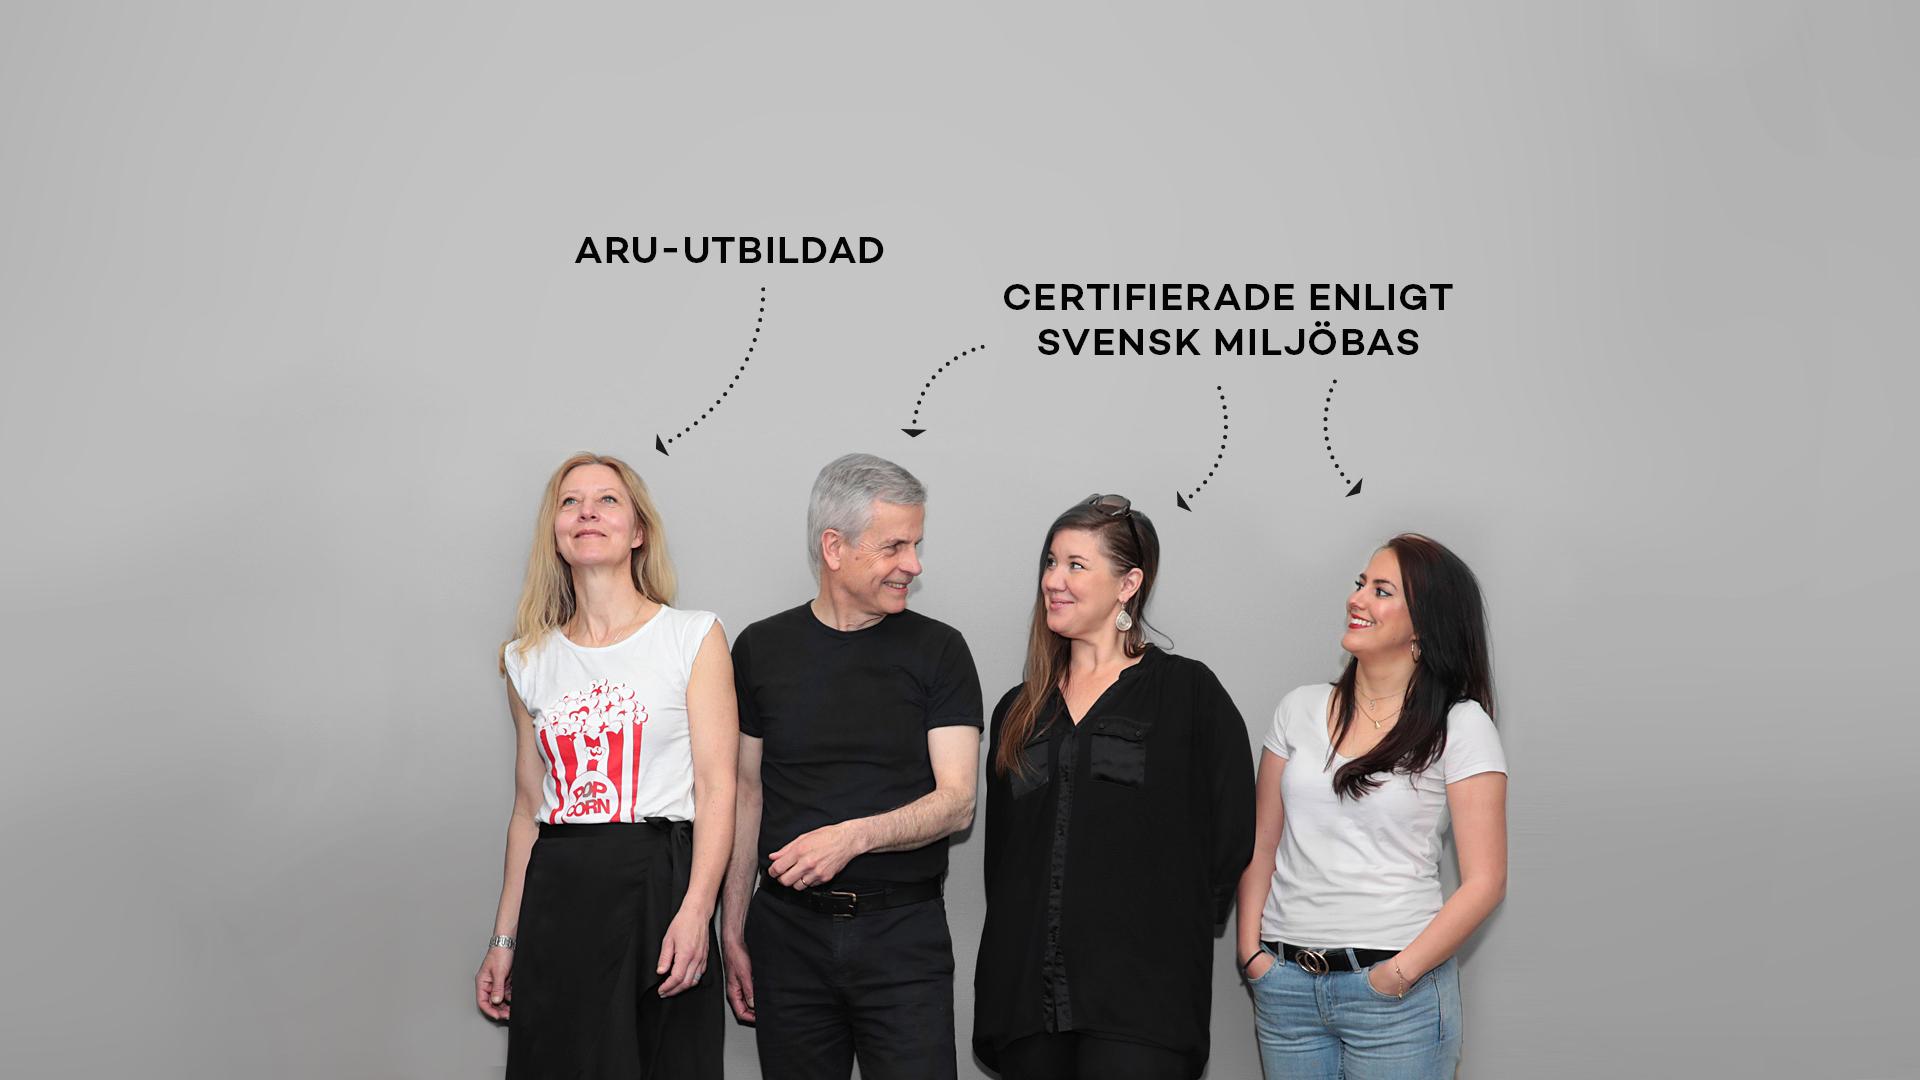 ARU-utbildade och certifierade enligt svensk miljöbas